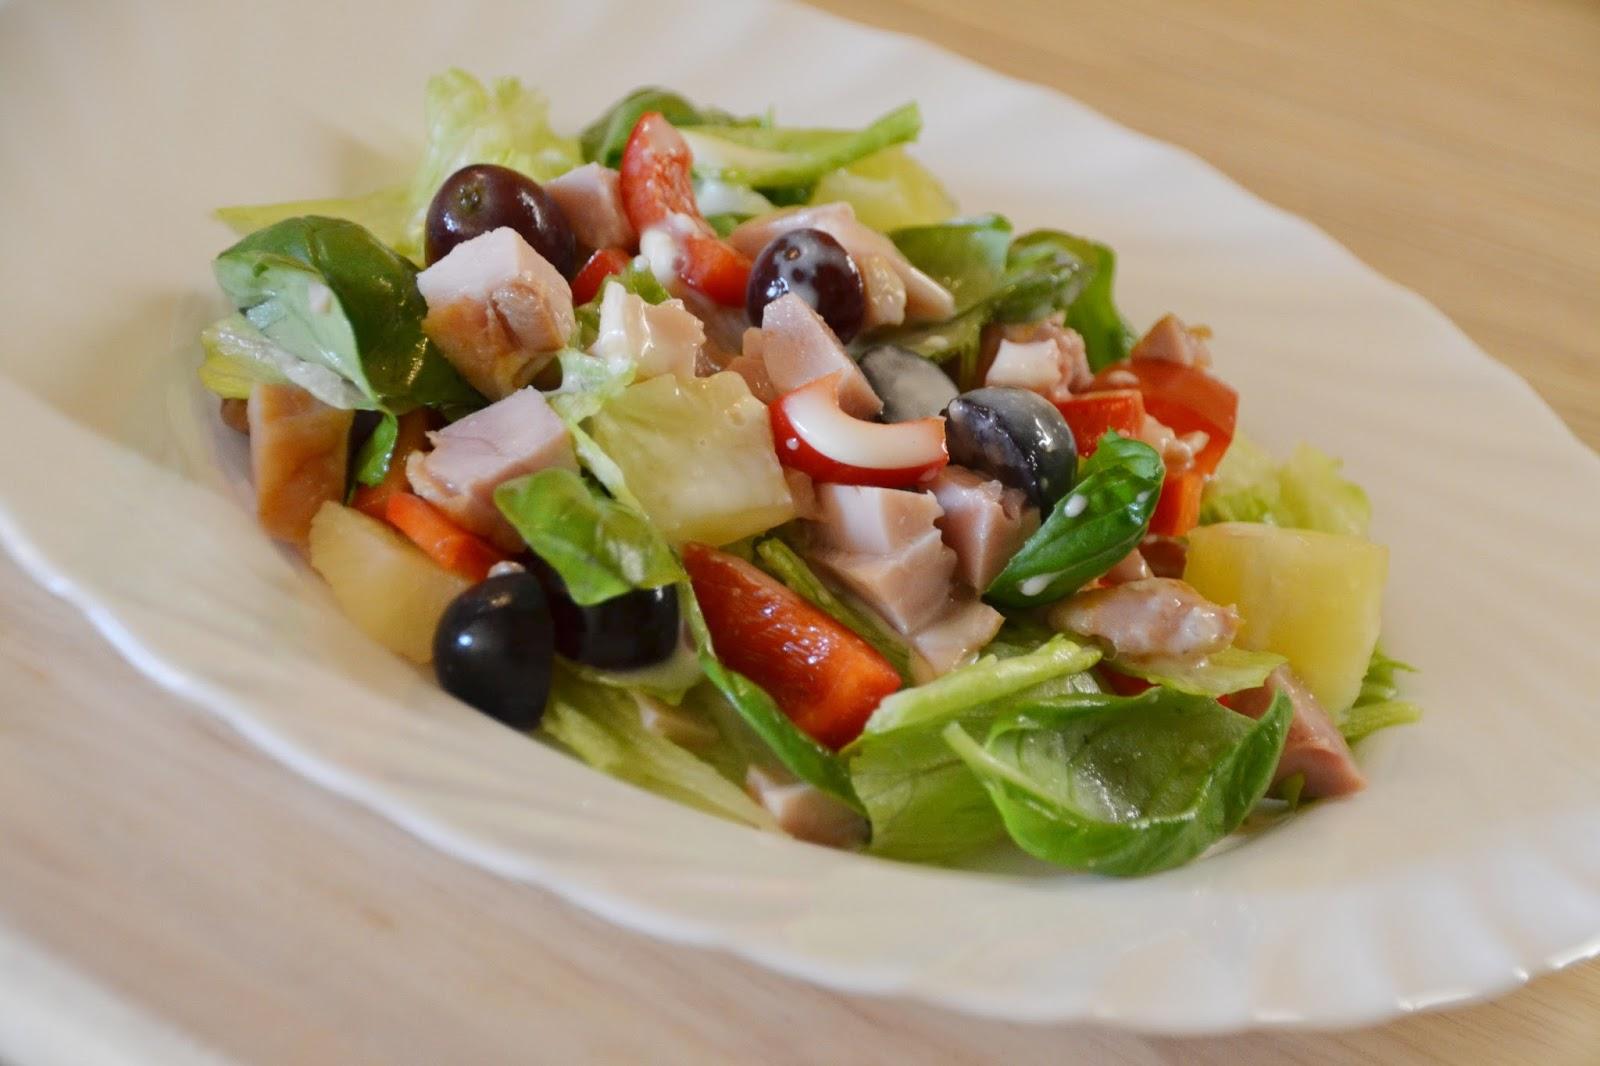 Millised toidud muudavad teie keha rasva